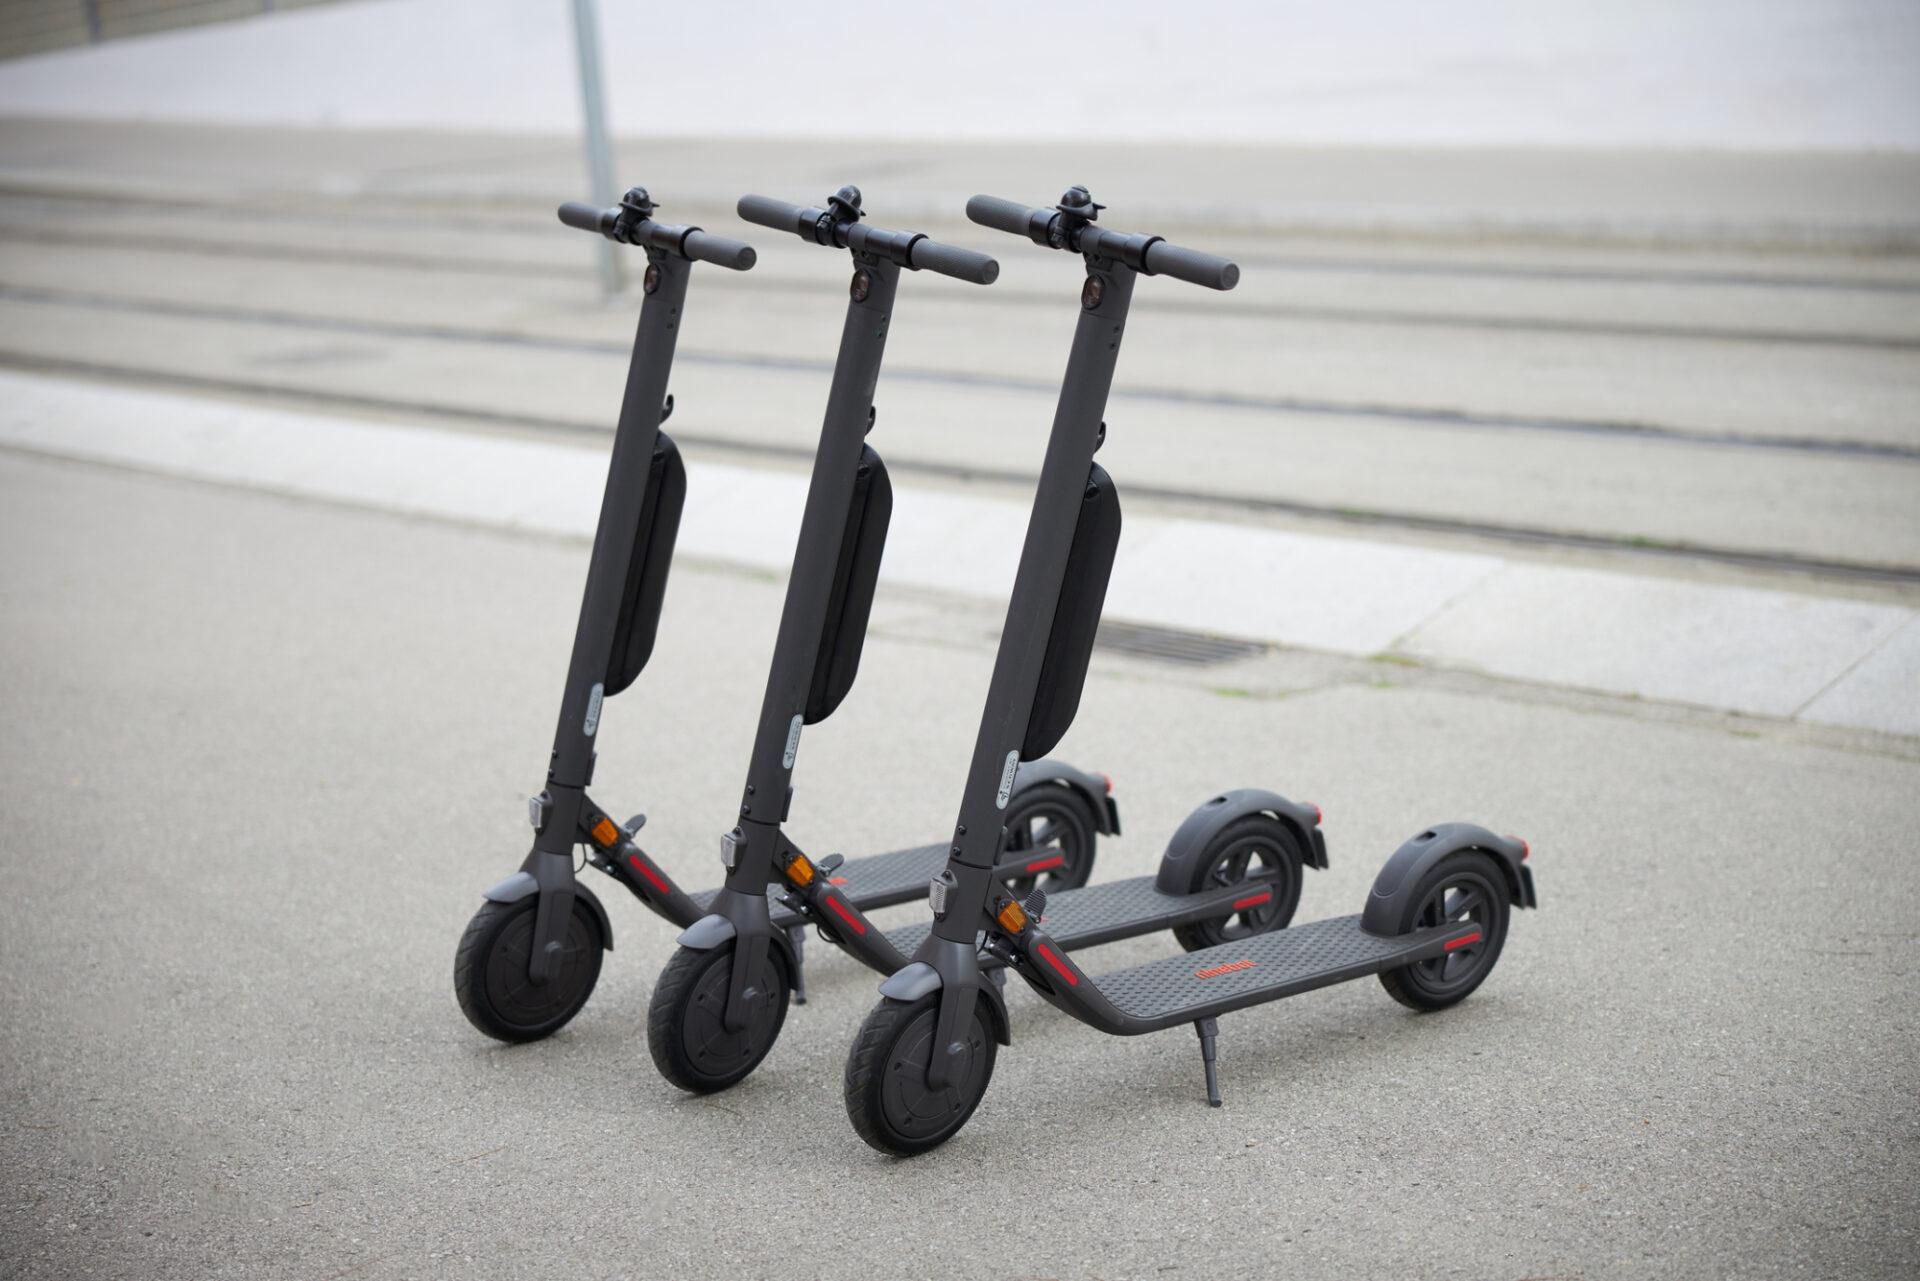 Compatible with the ES1/ES2/ES2L/E22D/E45D KickScooter